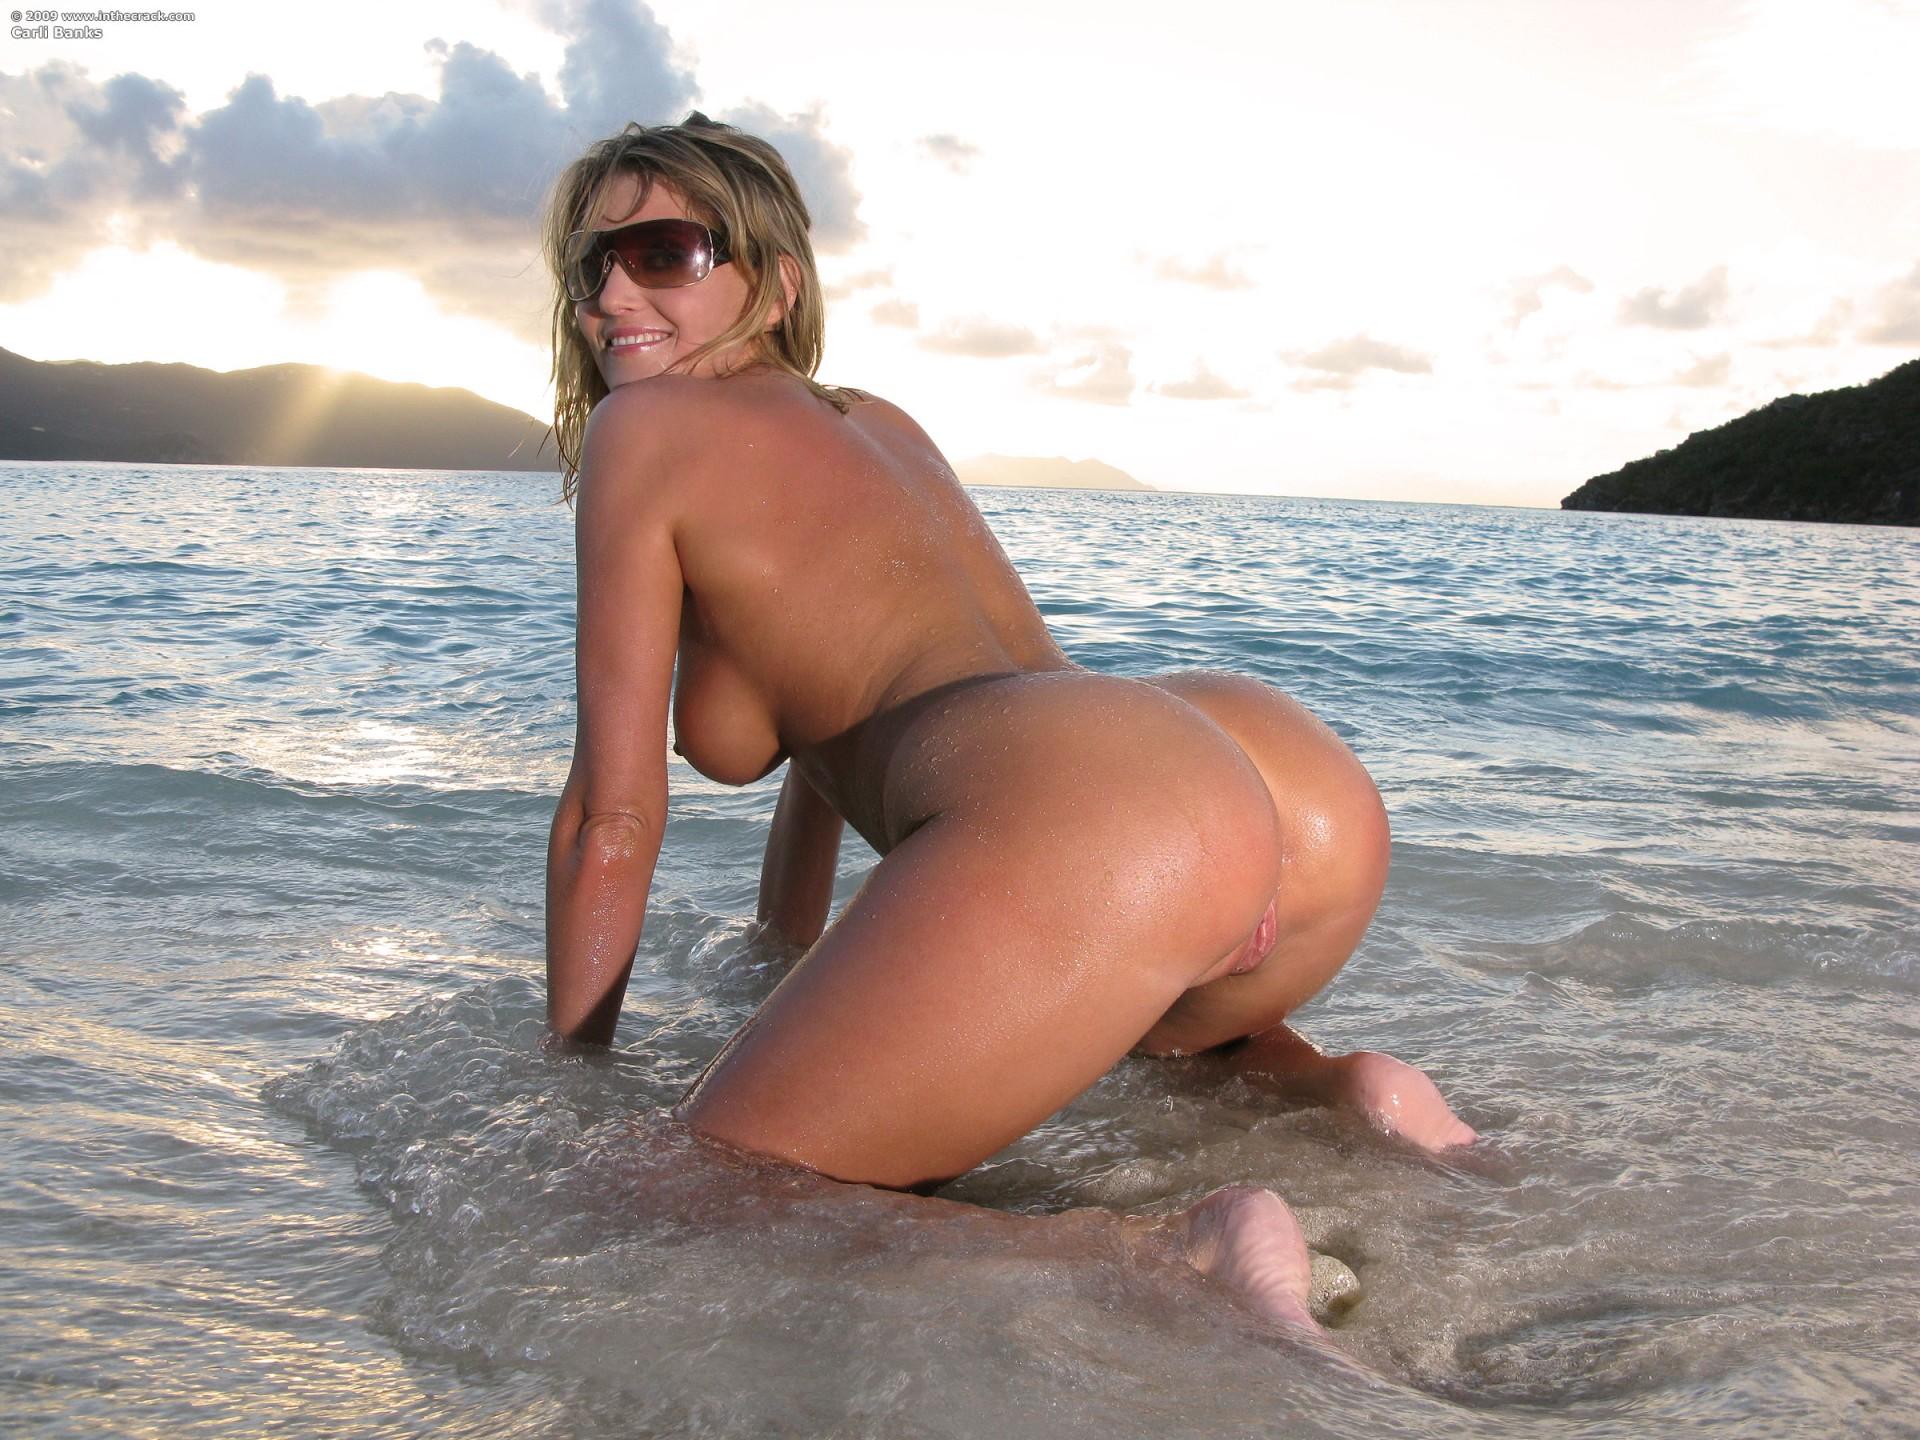 девушки на пляже с большими сиськами и жопой фото смотреть